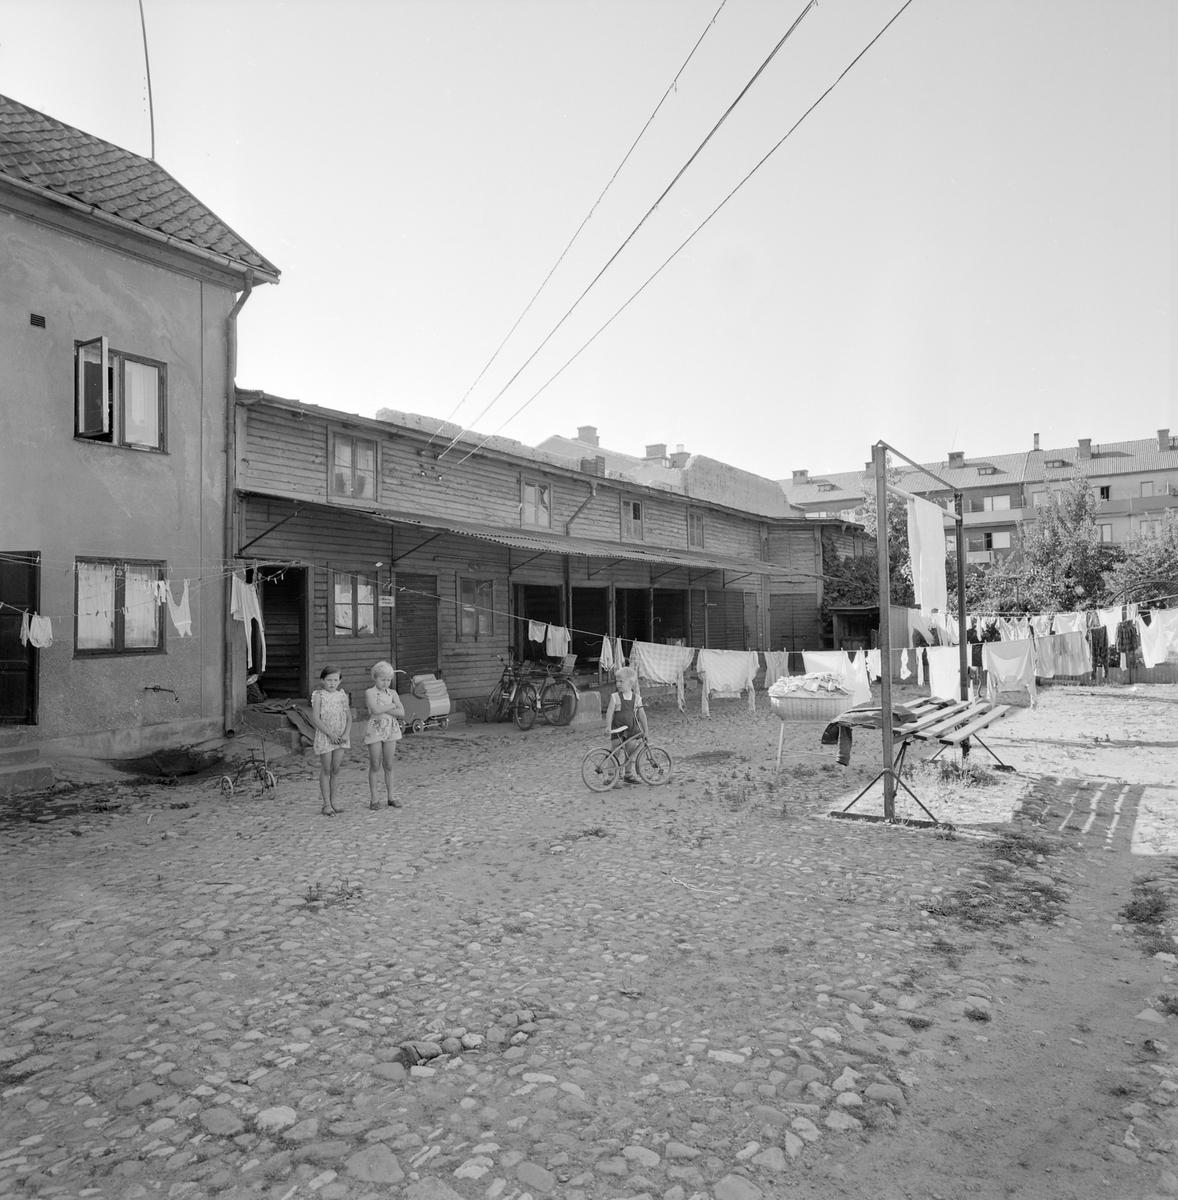 Gårsdsinteriör från Storgatan 7 i Linköping. Likt de flesta innergårdar i staden en egen värld med plats för åtskilligt. Året är 1956.